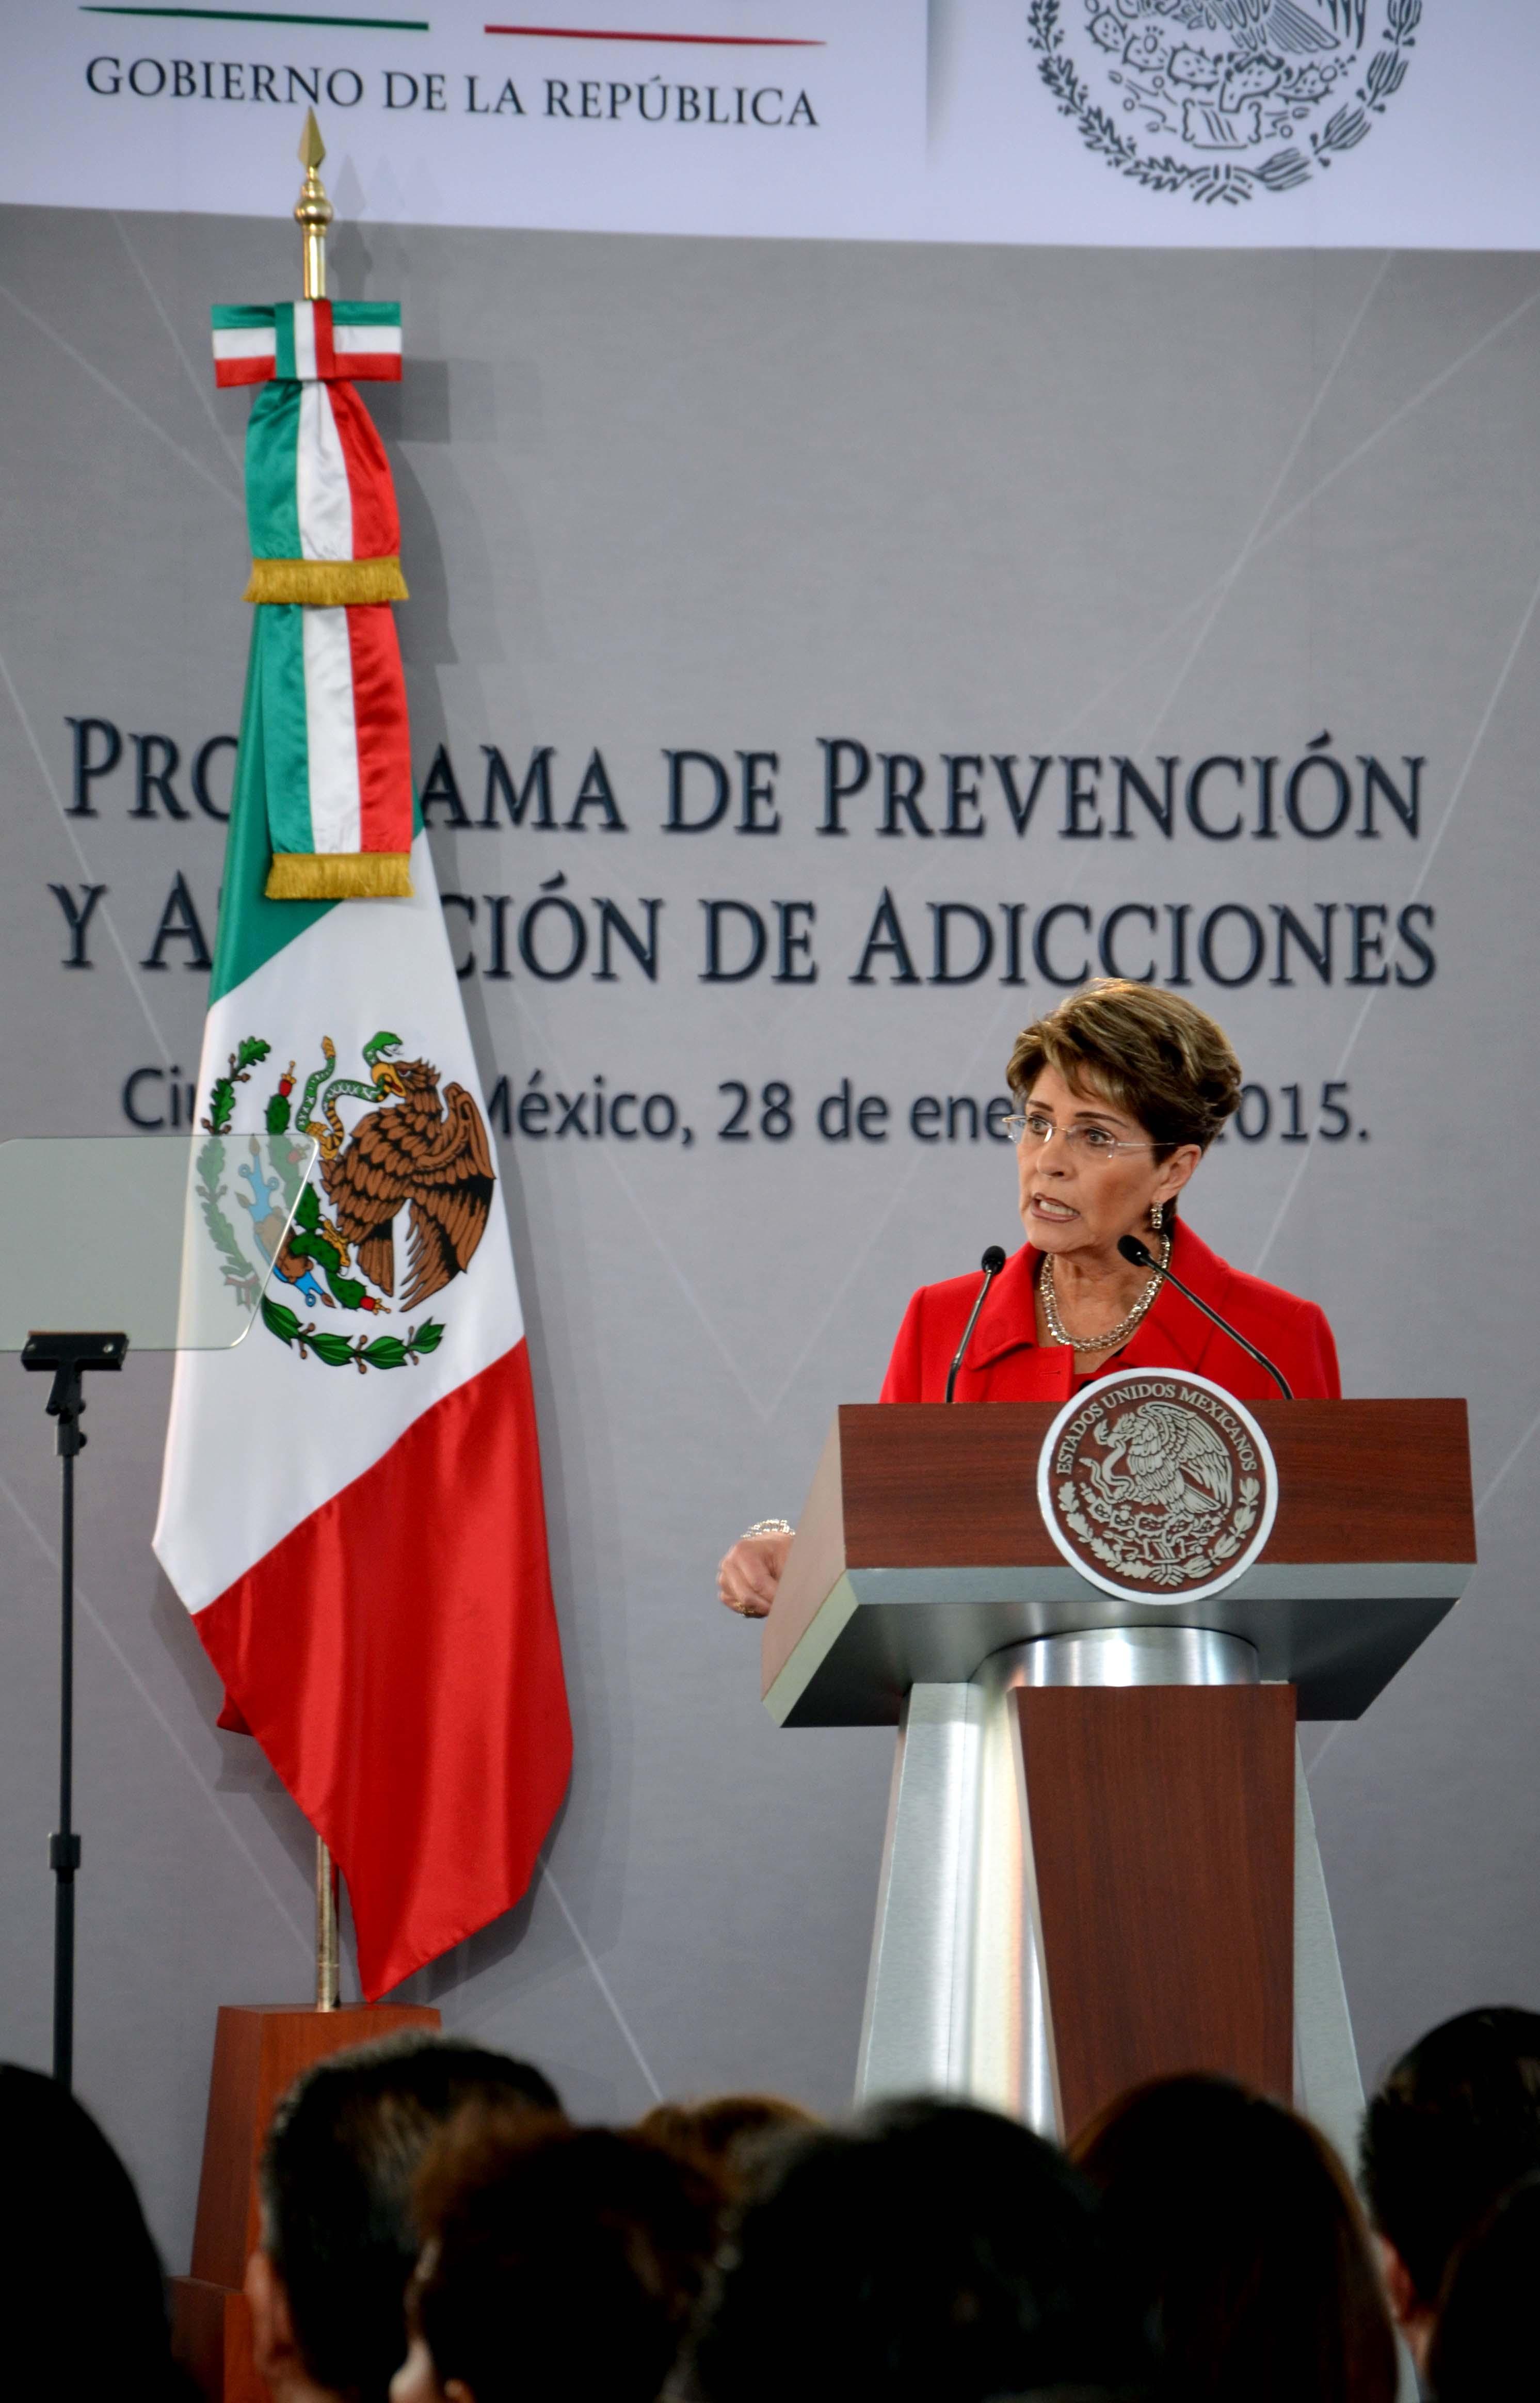 Presentación del Programa de Prevención y Atención de las Adicciones